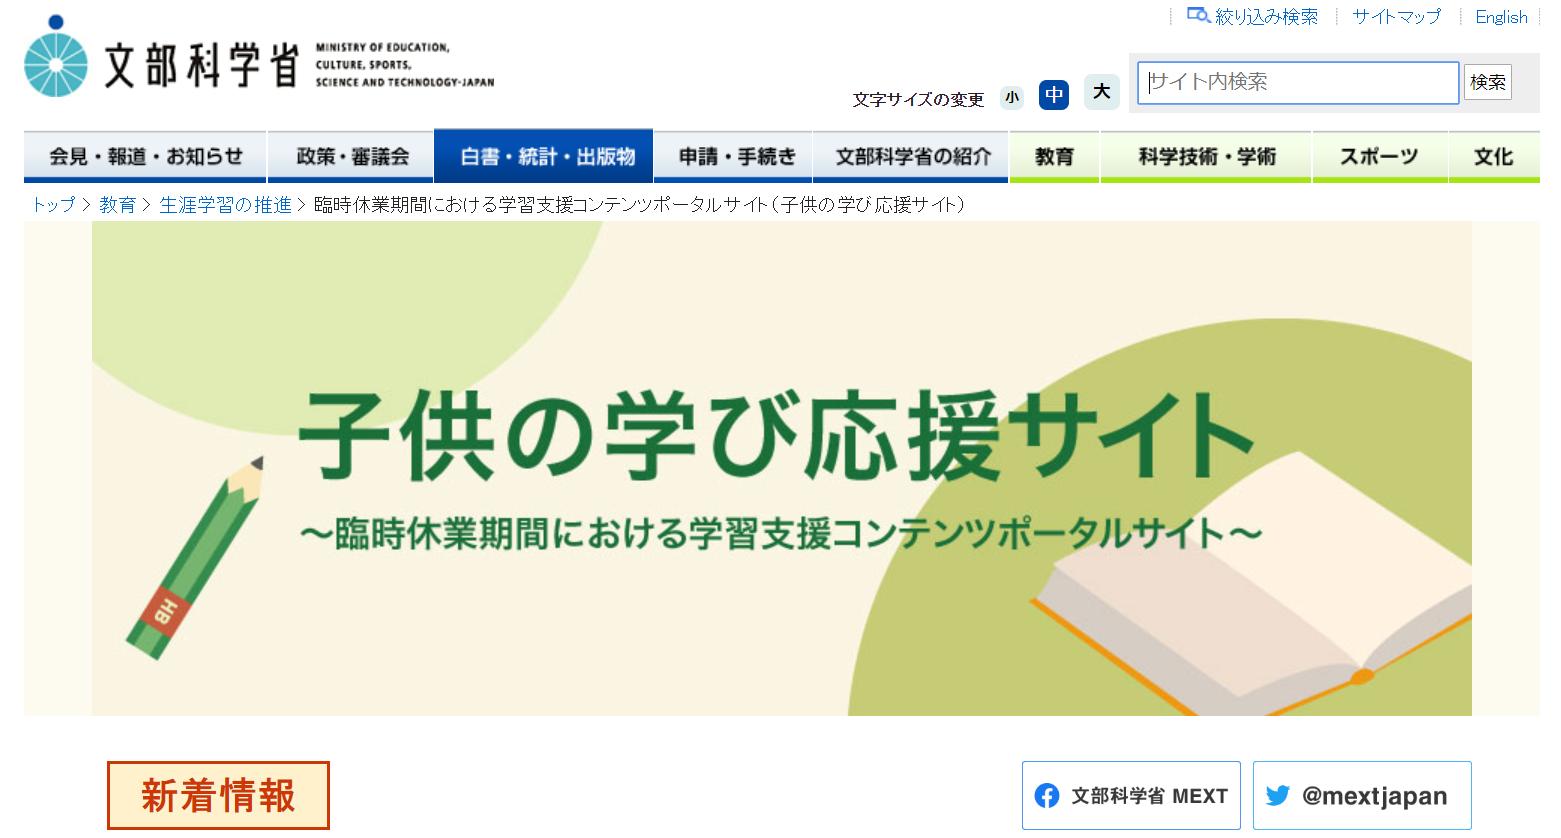 文部 科学 省 子供 の 学び 応援 サイト